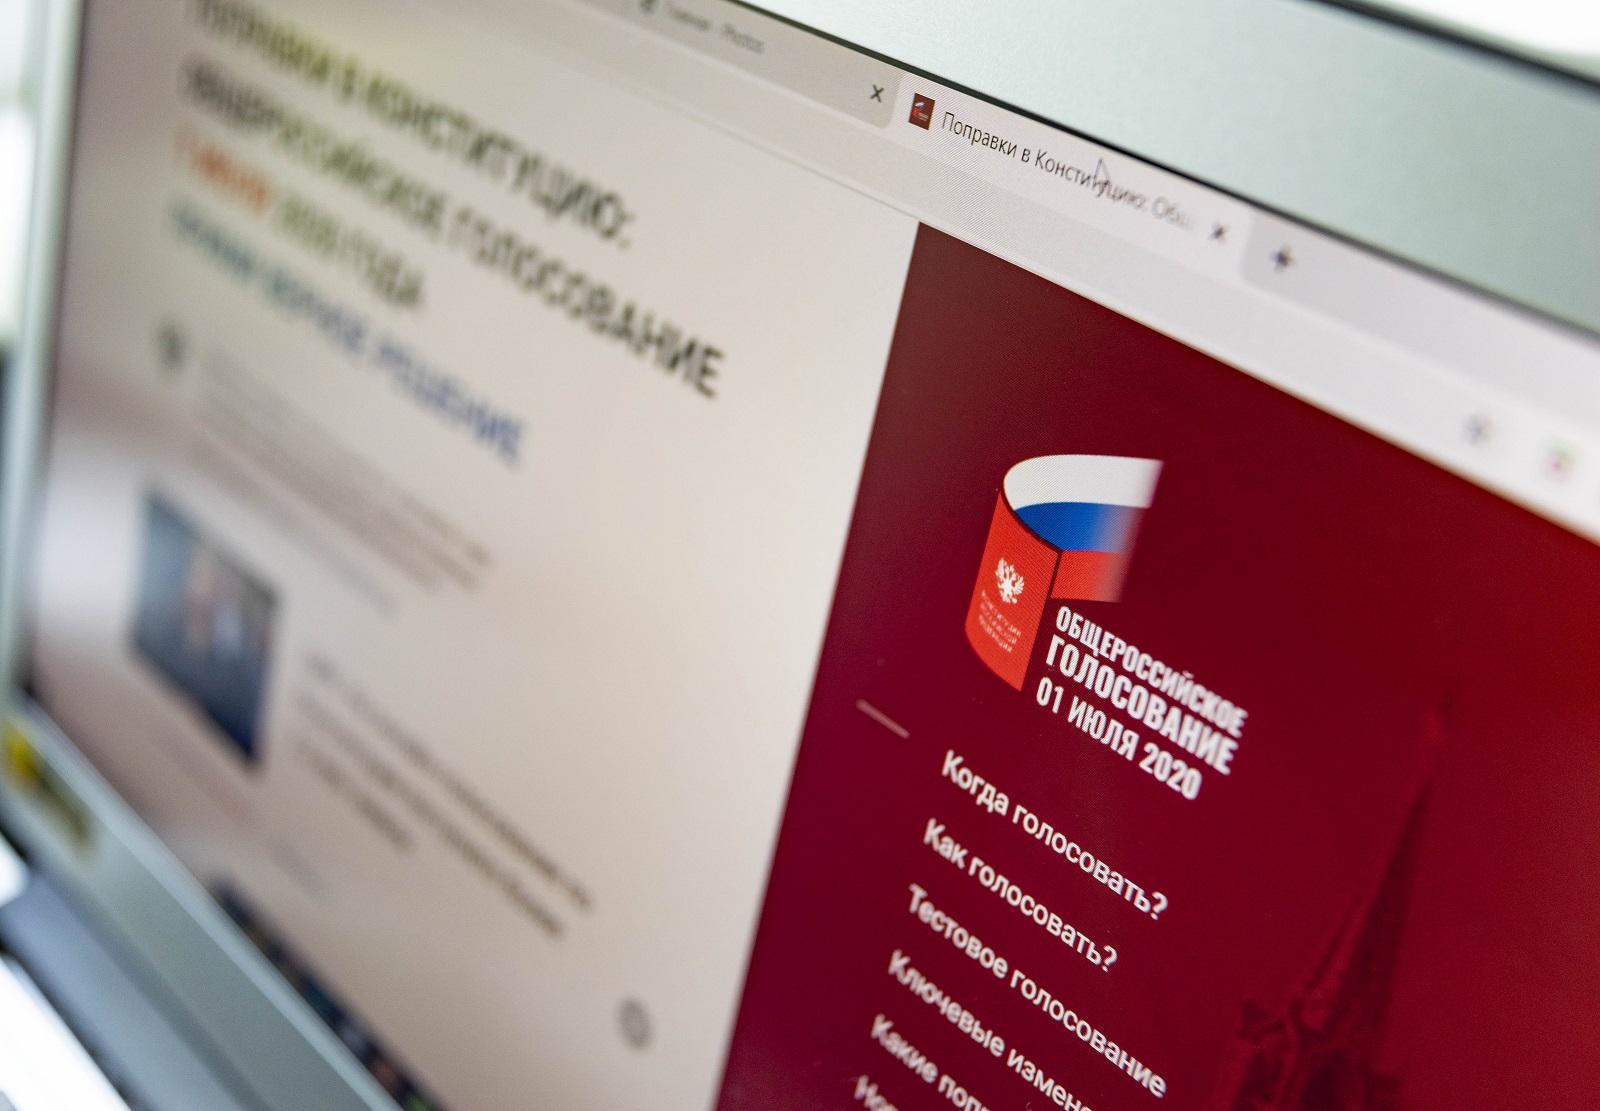 Открыто электронное голосование по внесению поправок в Конституцию России